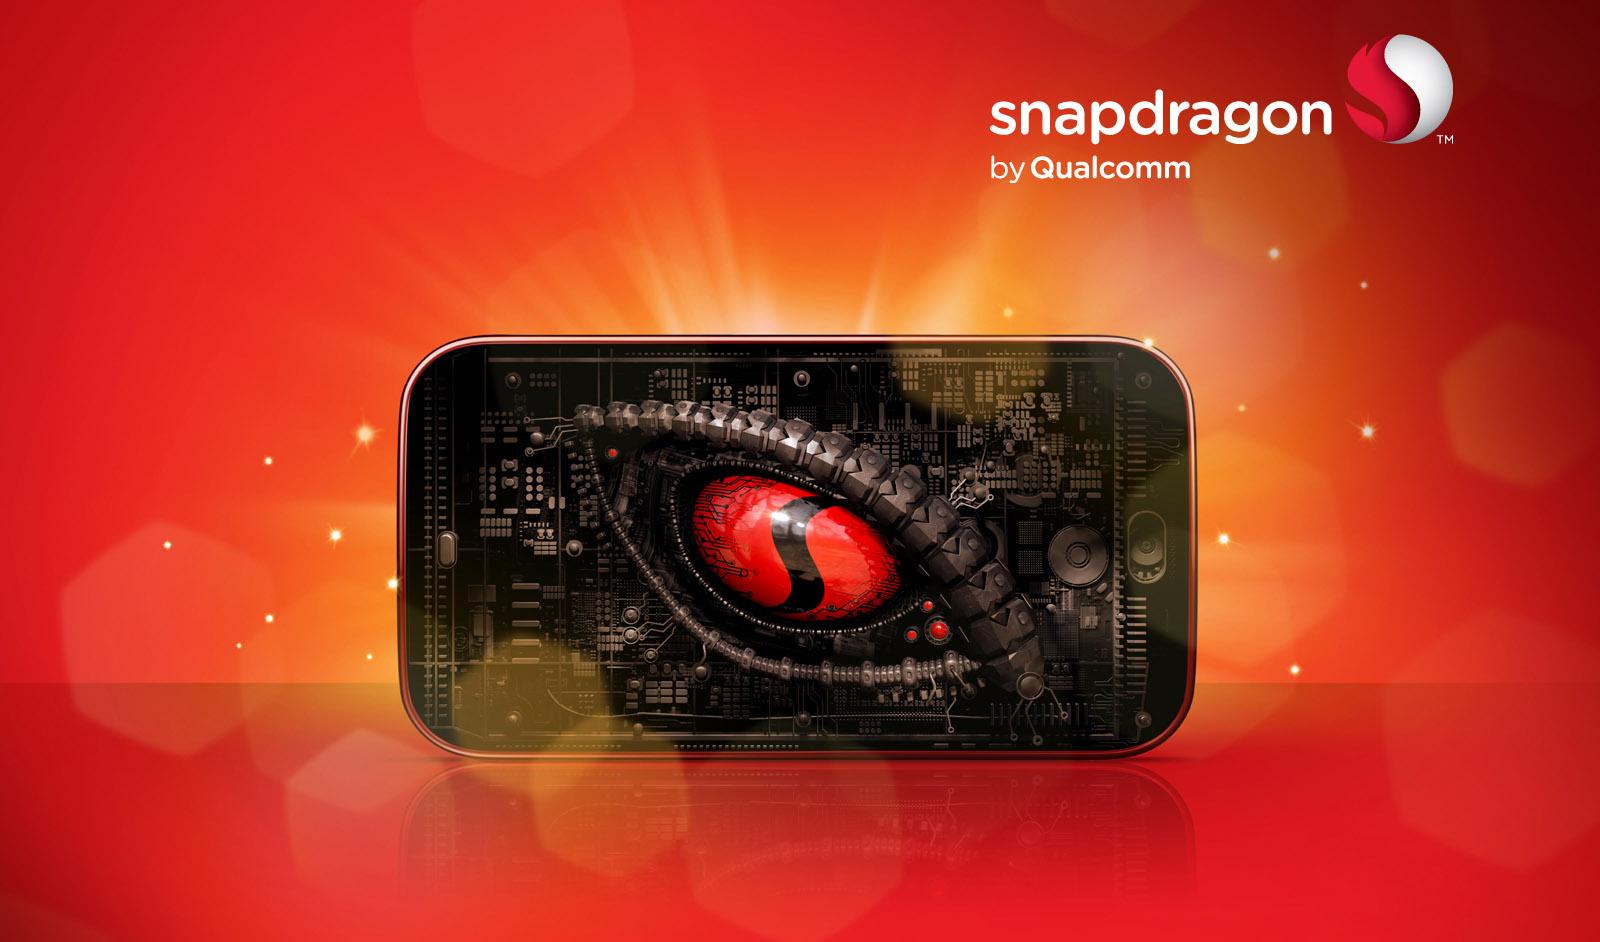 Rò rỉ danh sách flagship trang bị chip Snapdragon 845 kèm thời điểm ra mắt hình 1